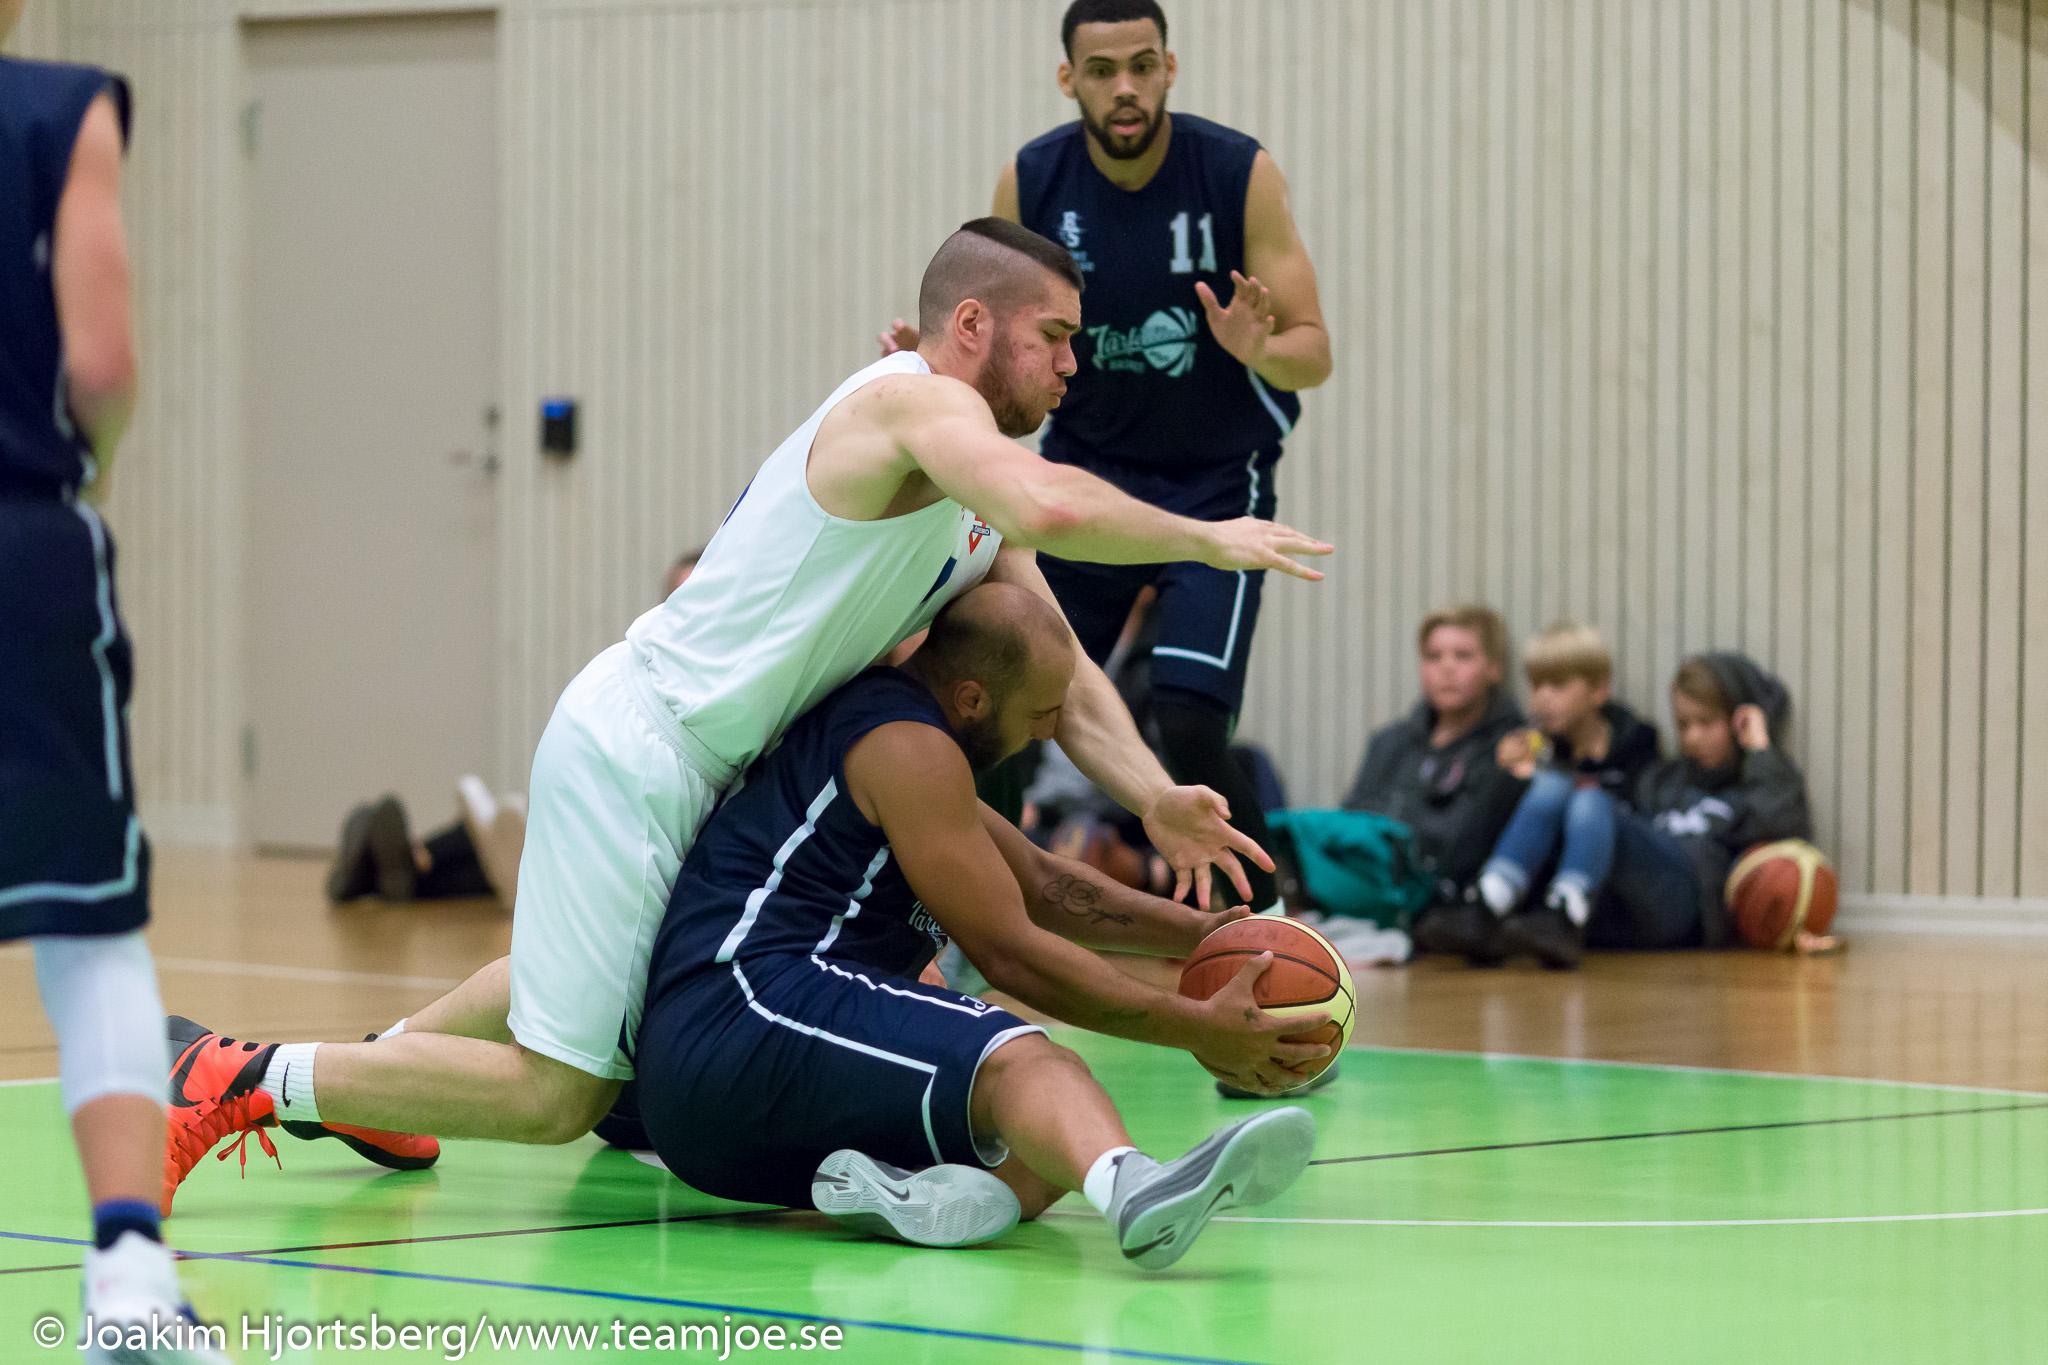 2016-10-16 KFUM Örebro Basket-Järfälla Basket